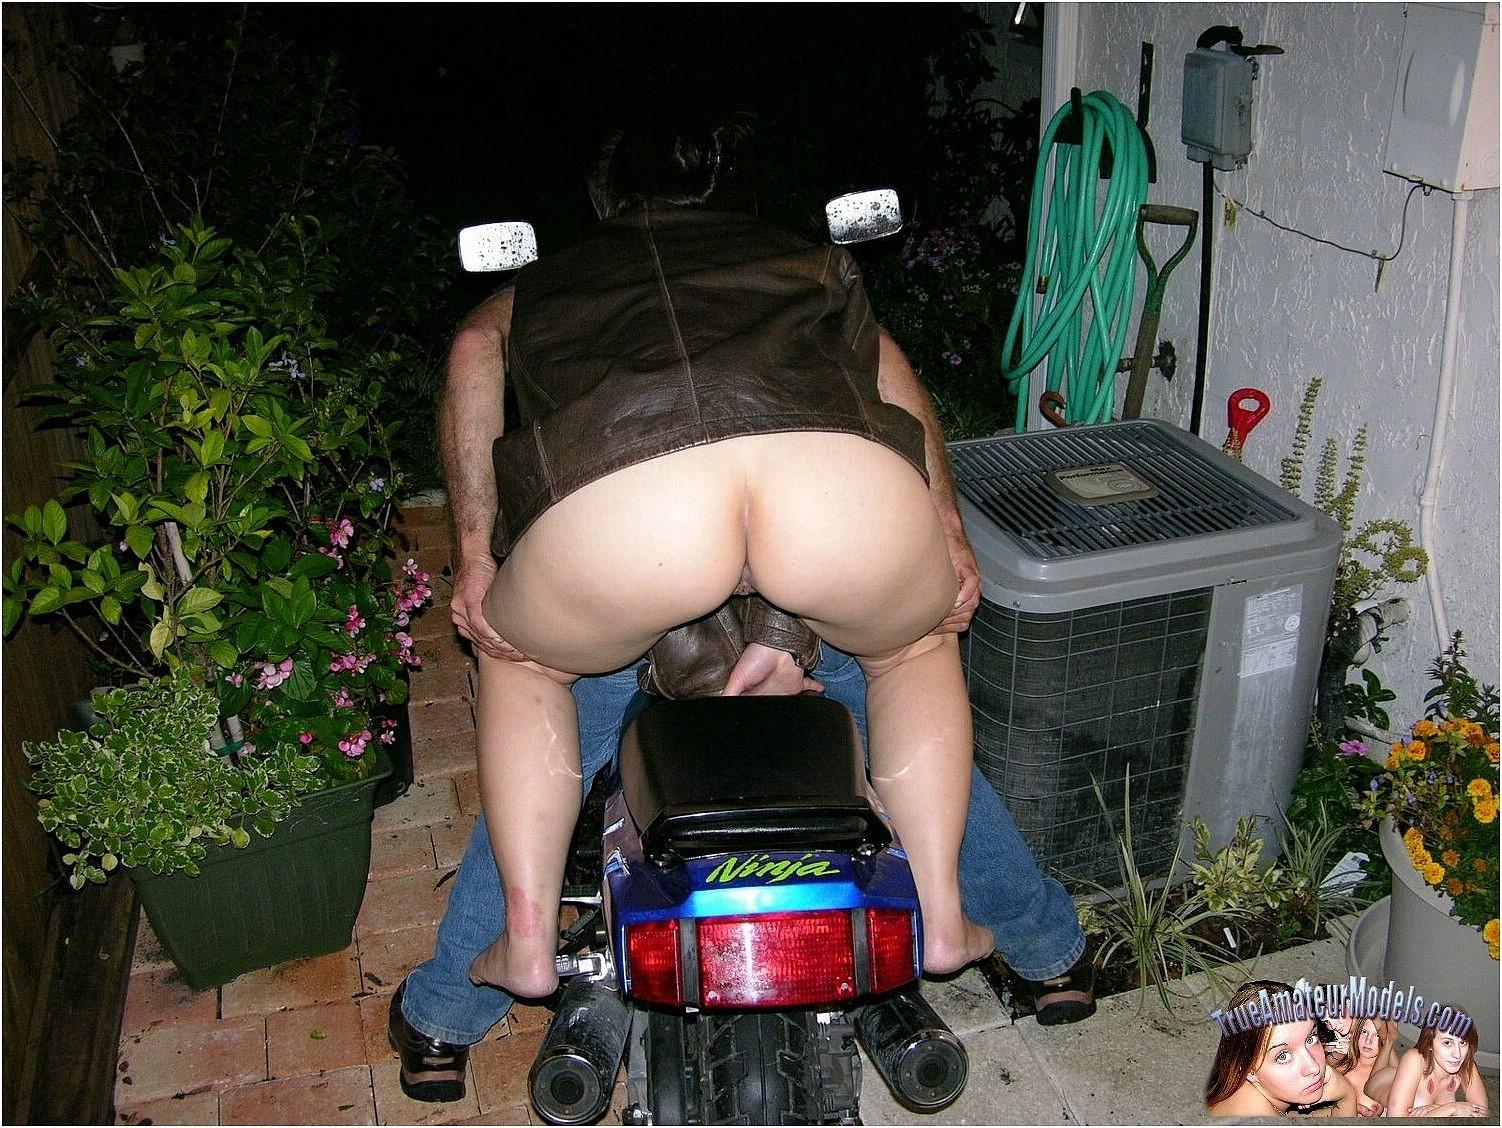 Teen Biker Babe Spreads Nude On Bike-2788